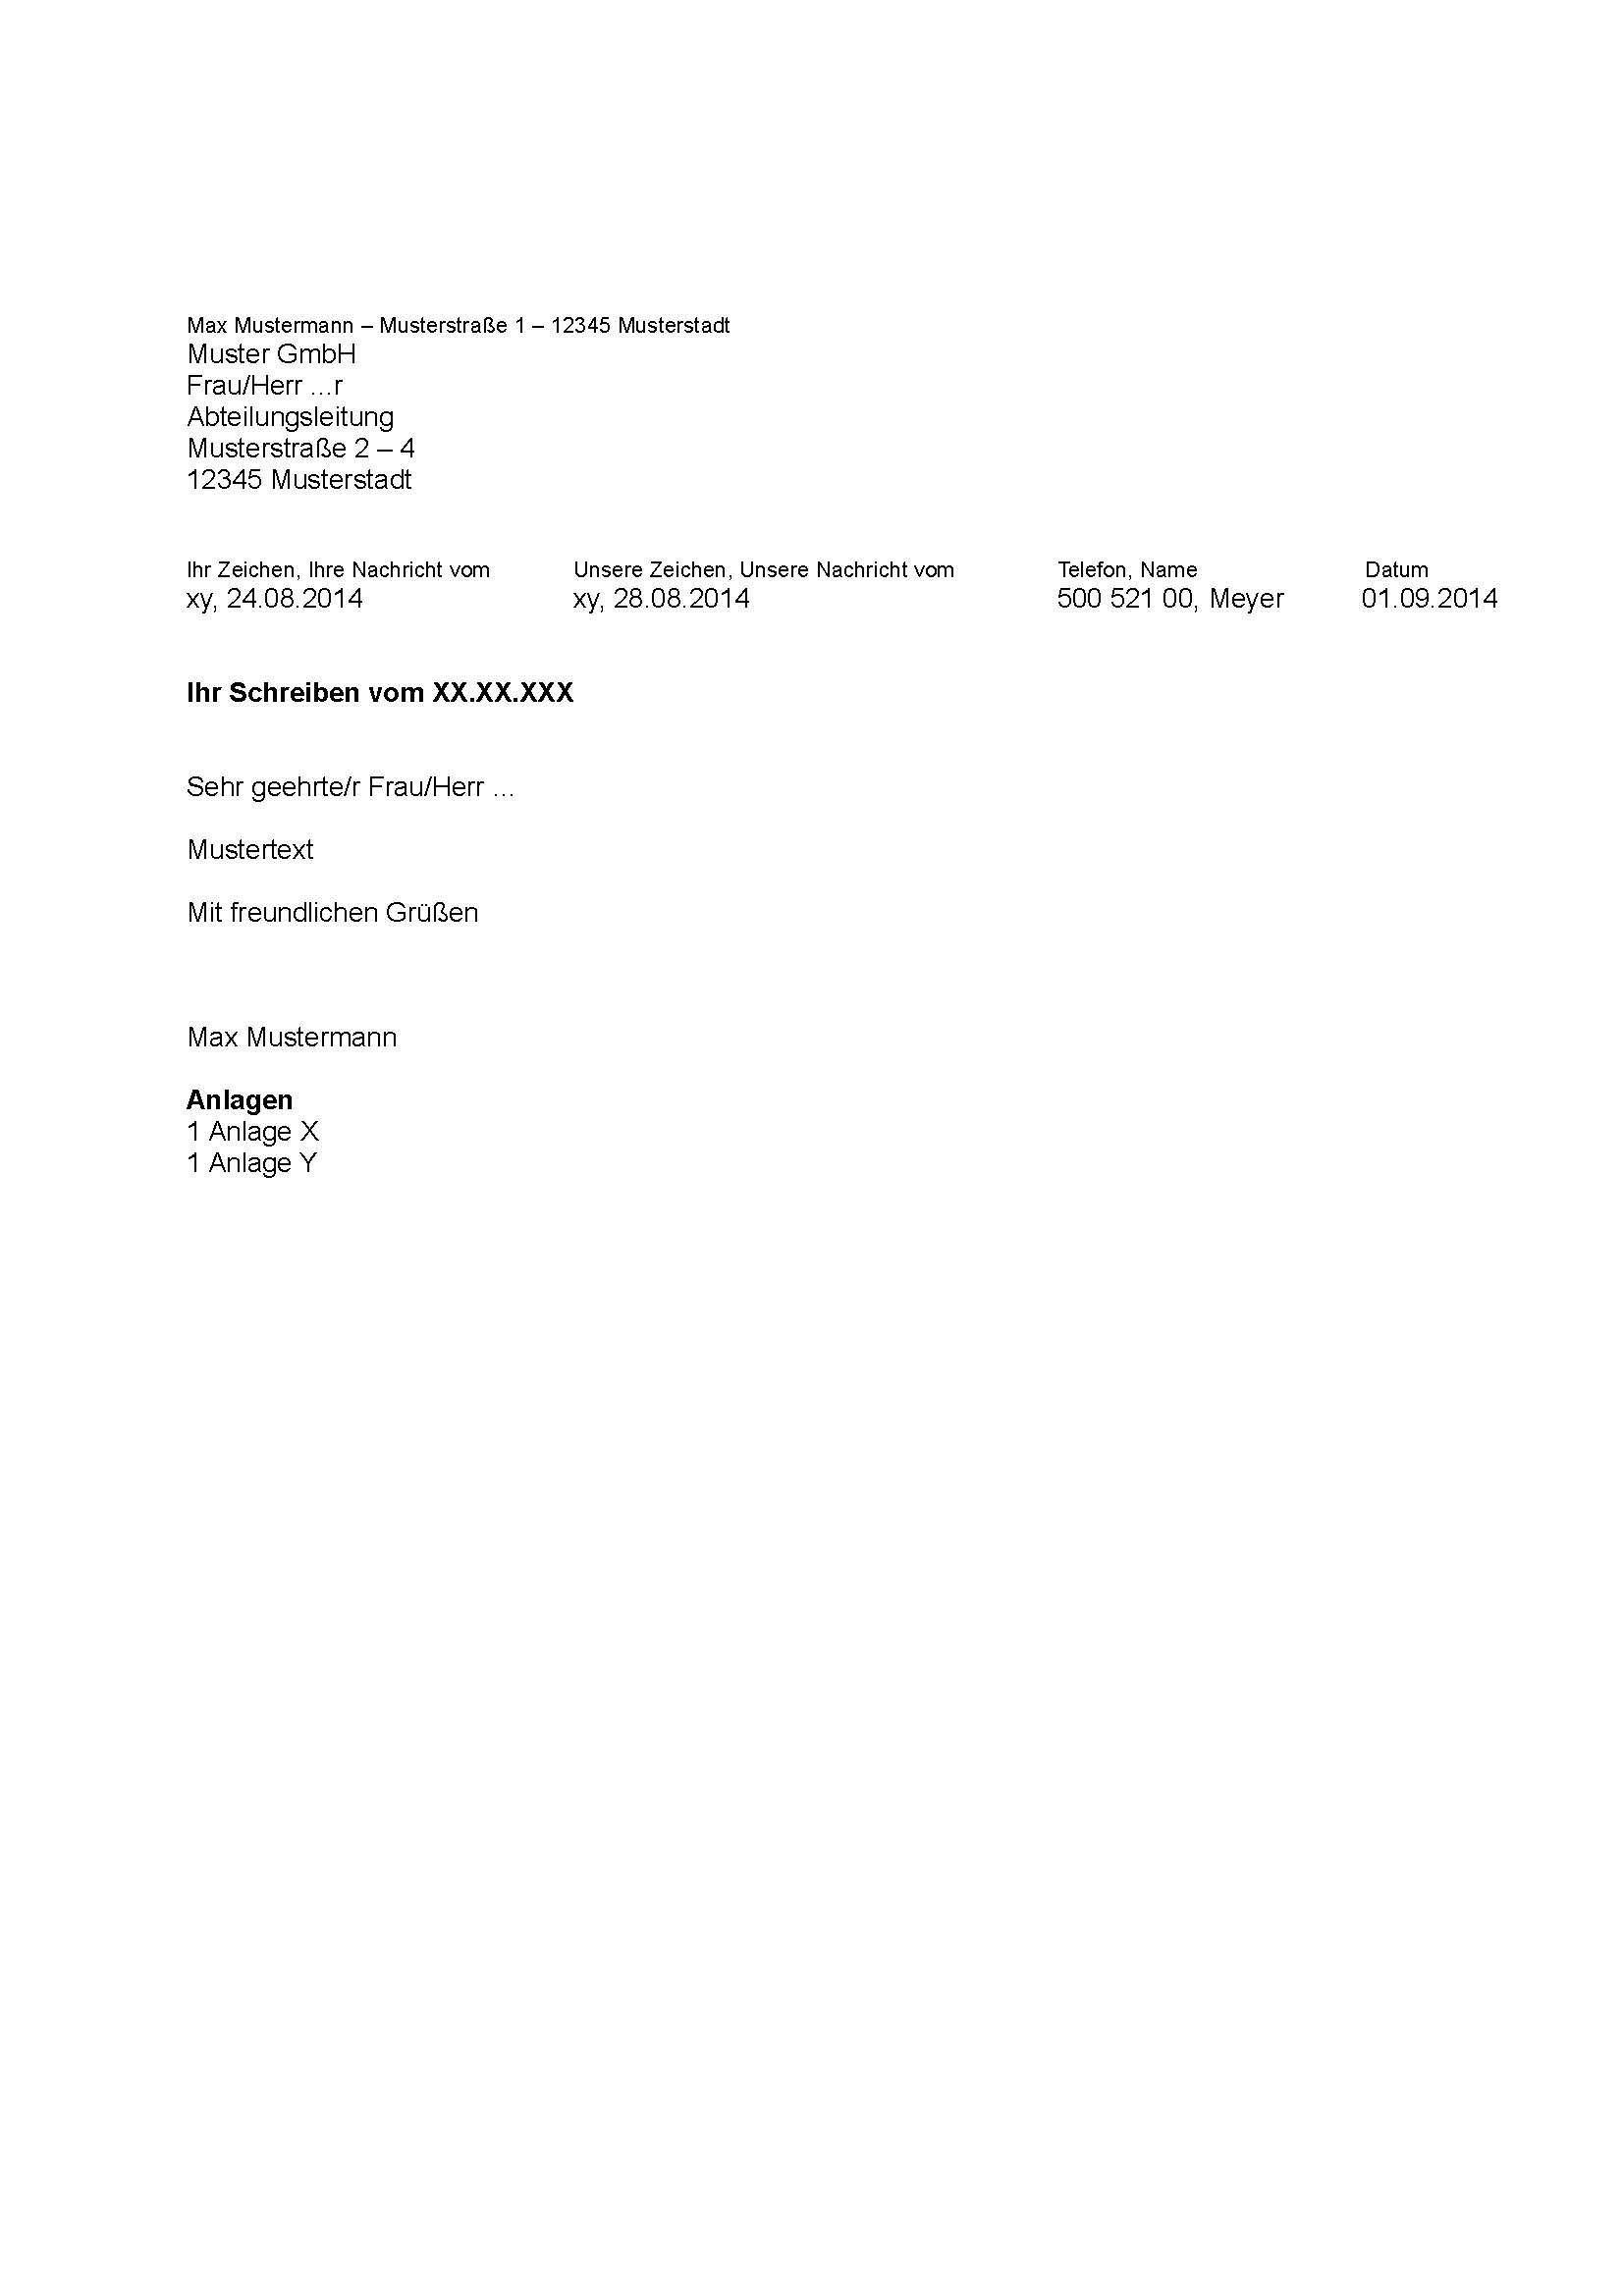 Din 5008 Musterbrief Vorlage Pdf Word Download